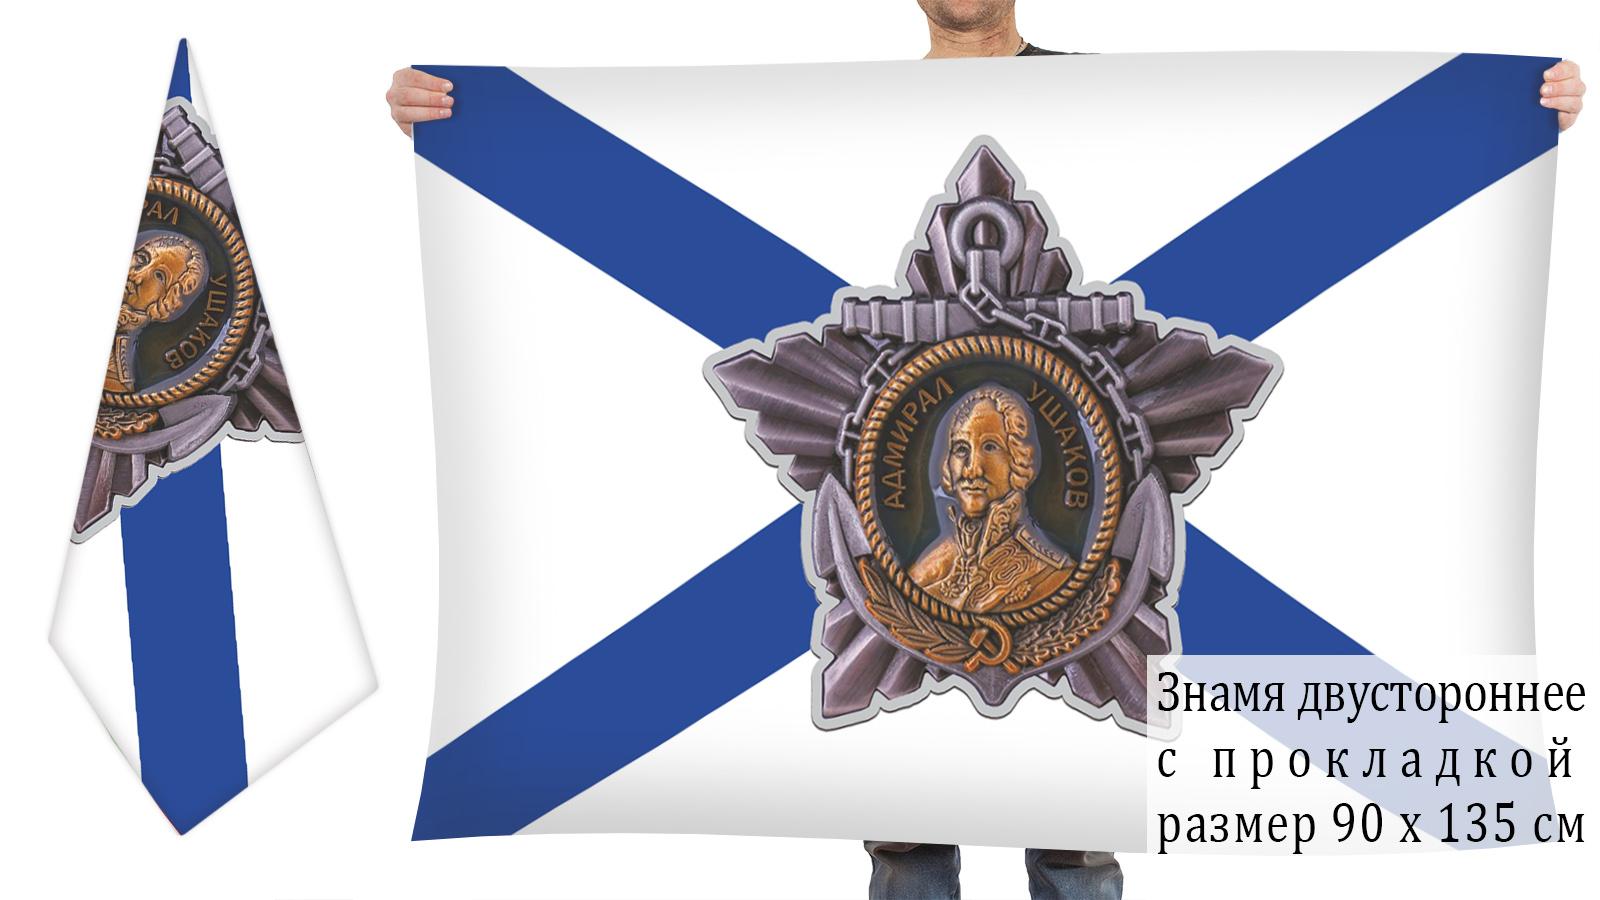 Двусторонний флаг ВМФ с орденом Ушакова